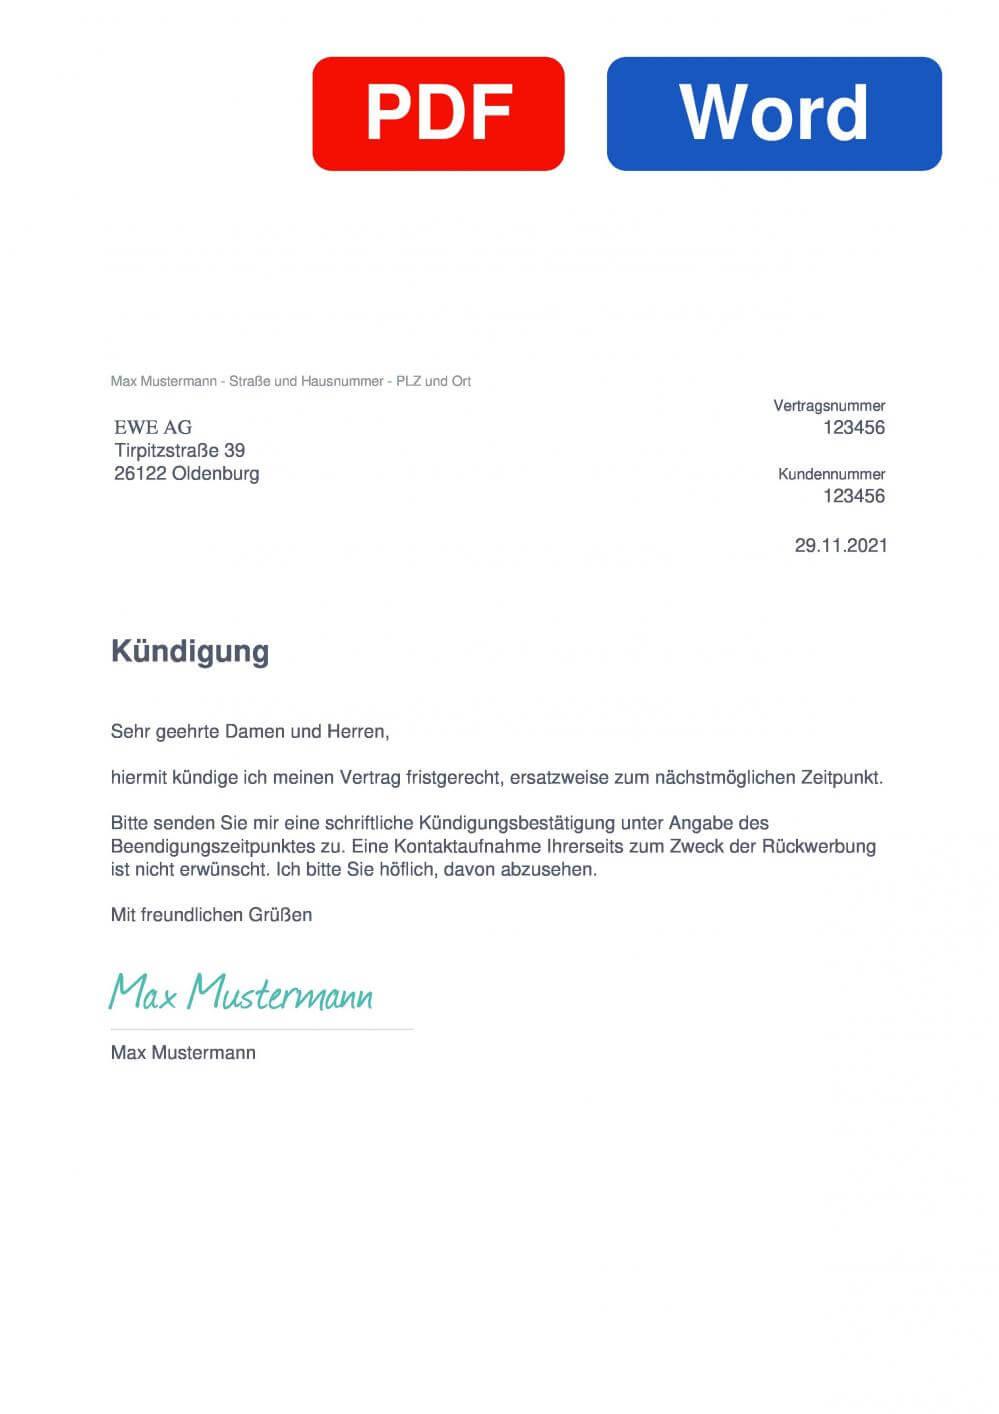 EWE Sicherheitspaket Muster Vorlage für Kündigungsschreiben